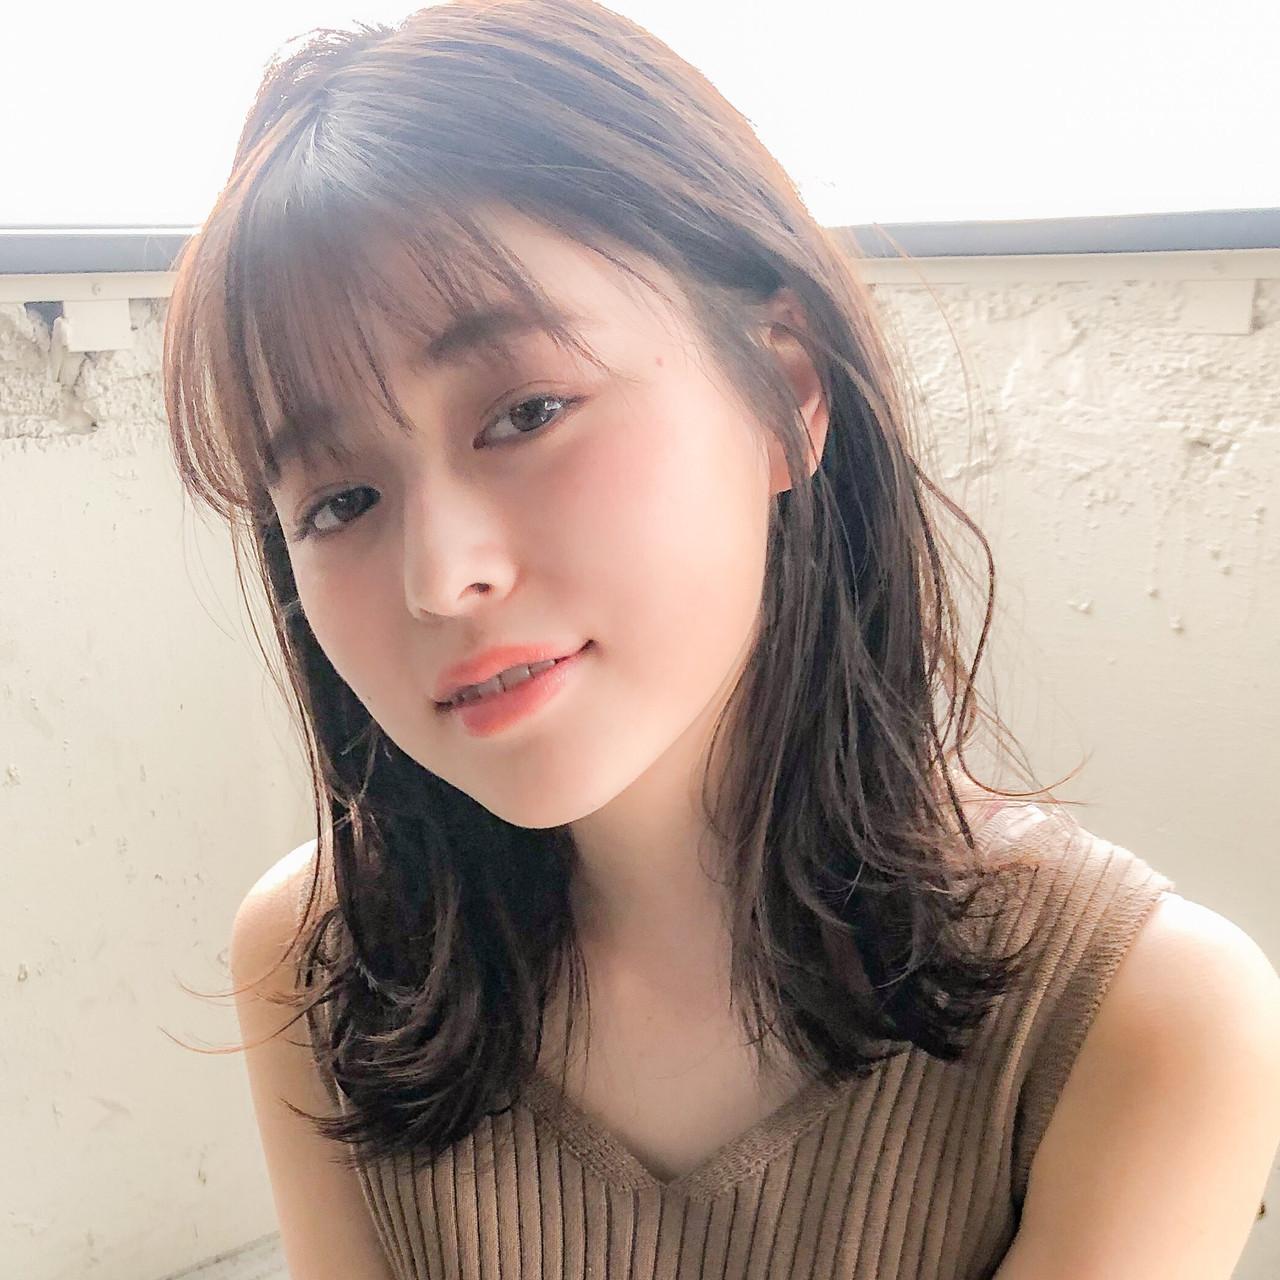 ミディアムレイヤー ミルクティーベージュ ミディアム デジタルパーマ ヘアスタイルや髪型の写真・画像